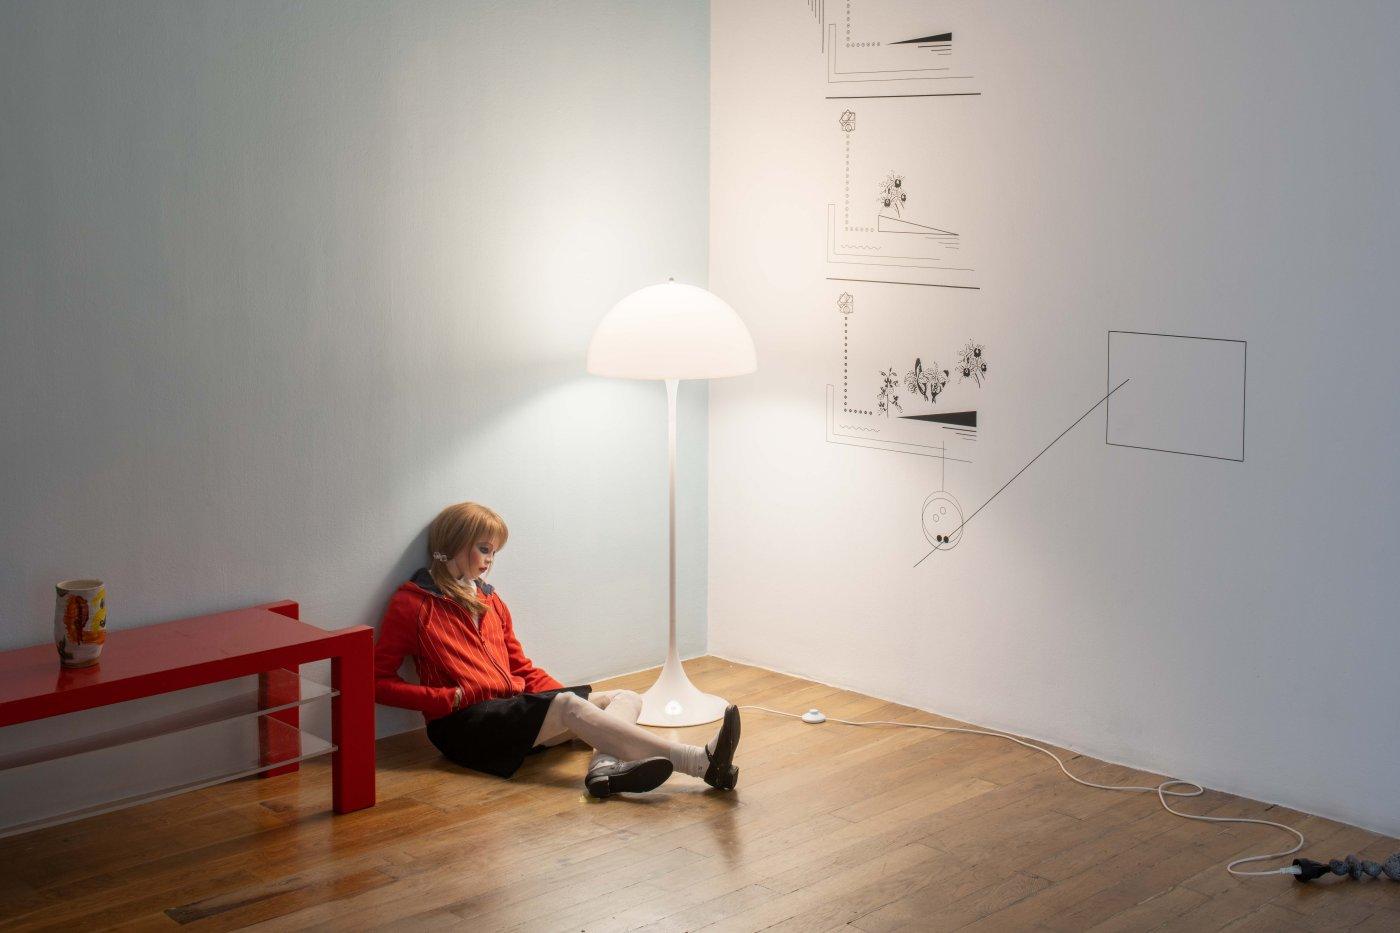 Galerie Chantal Crousel Dominique Gonzalez-Foerster 5